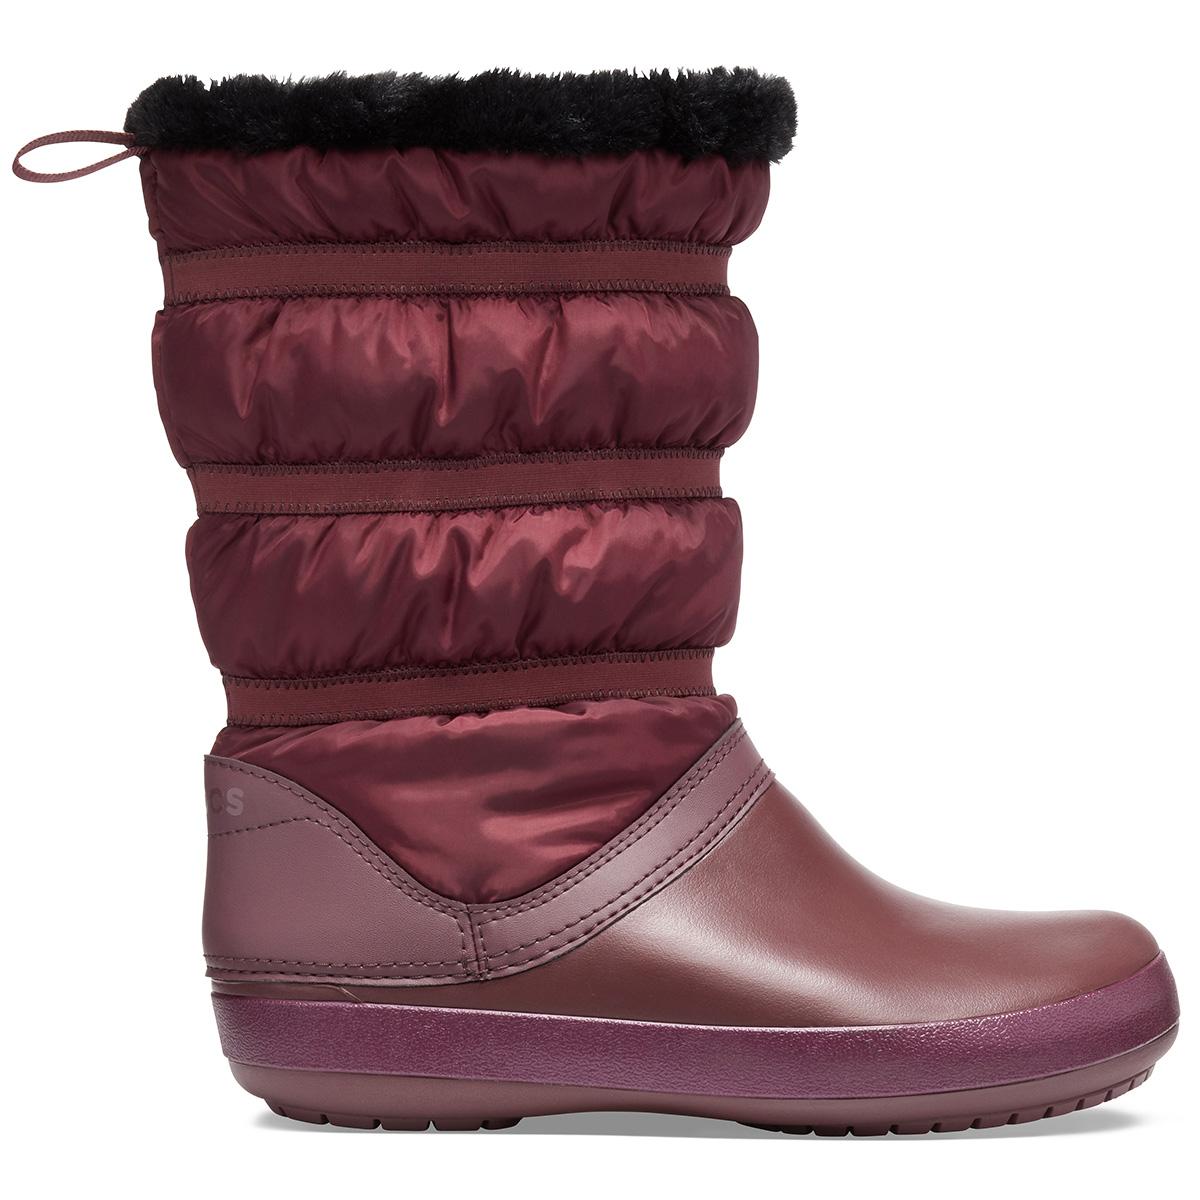 Crocband Winter Boot W - Burgonya